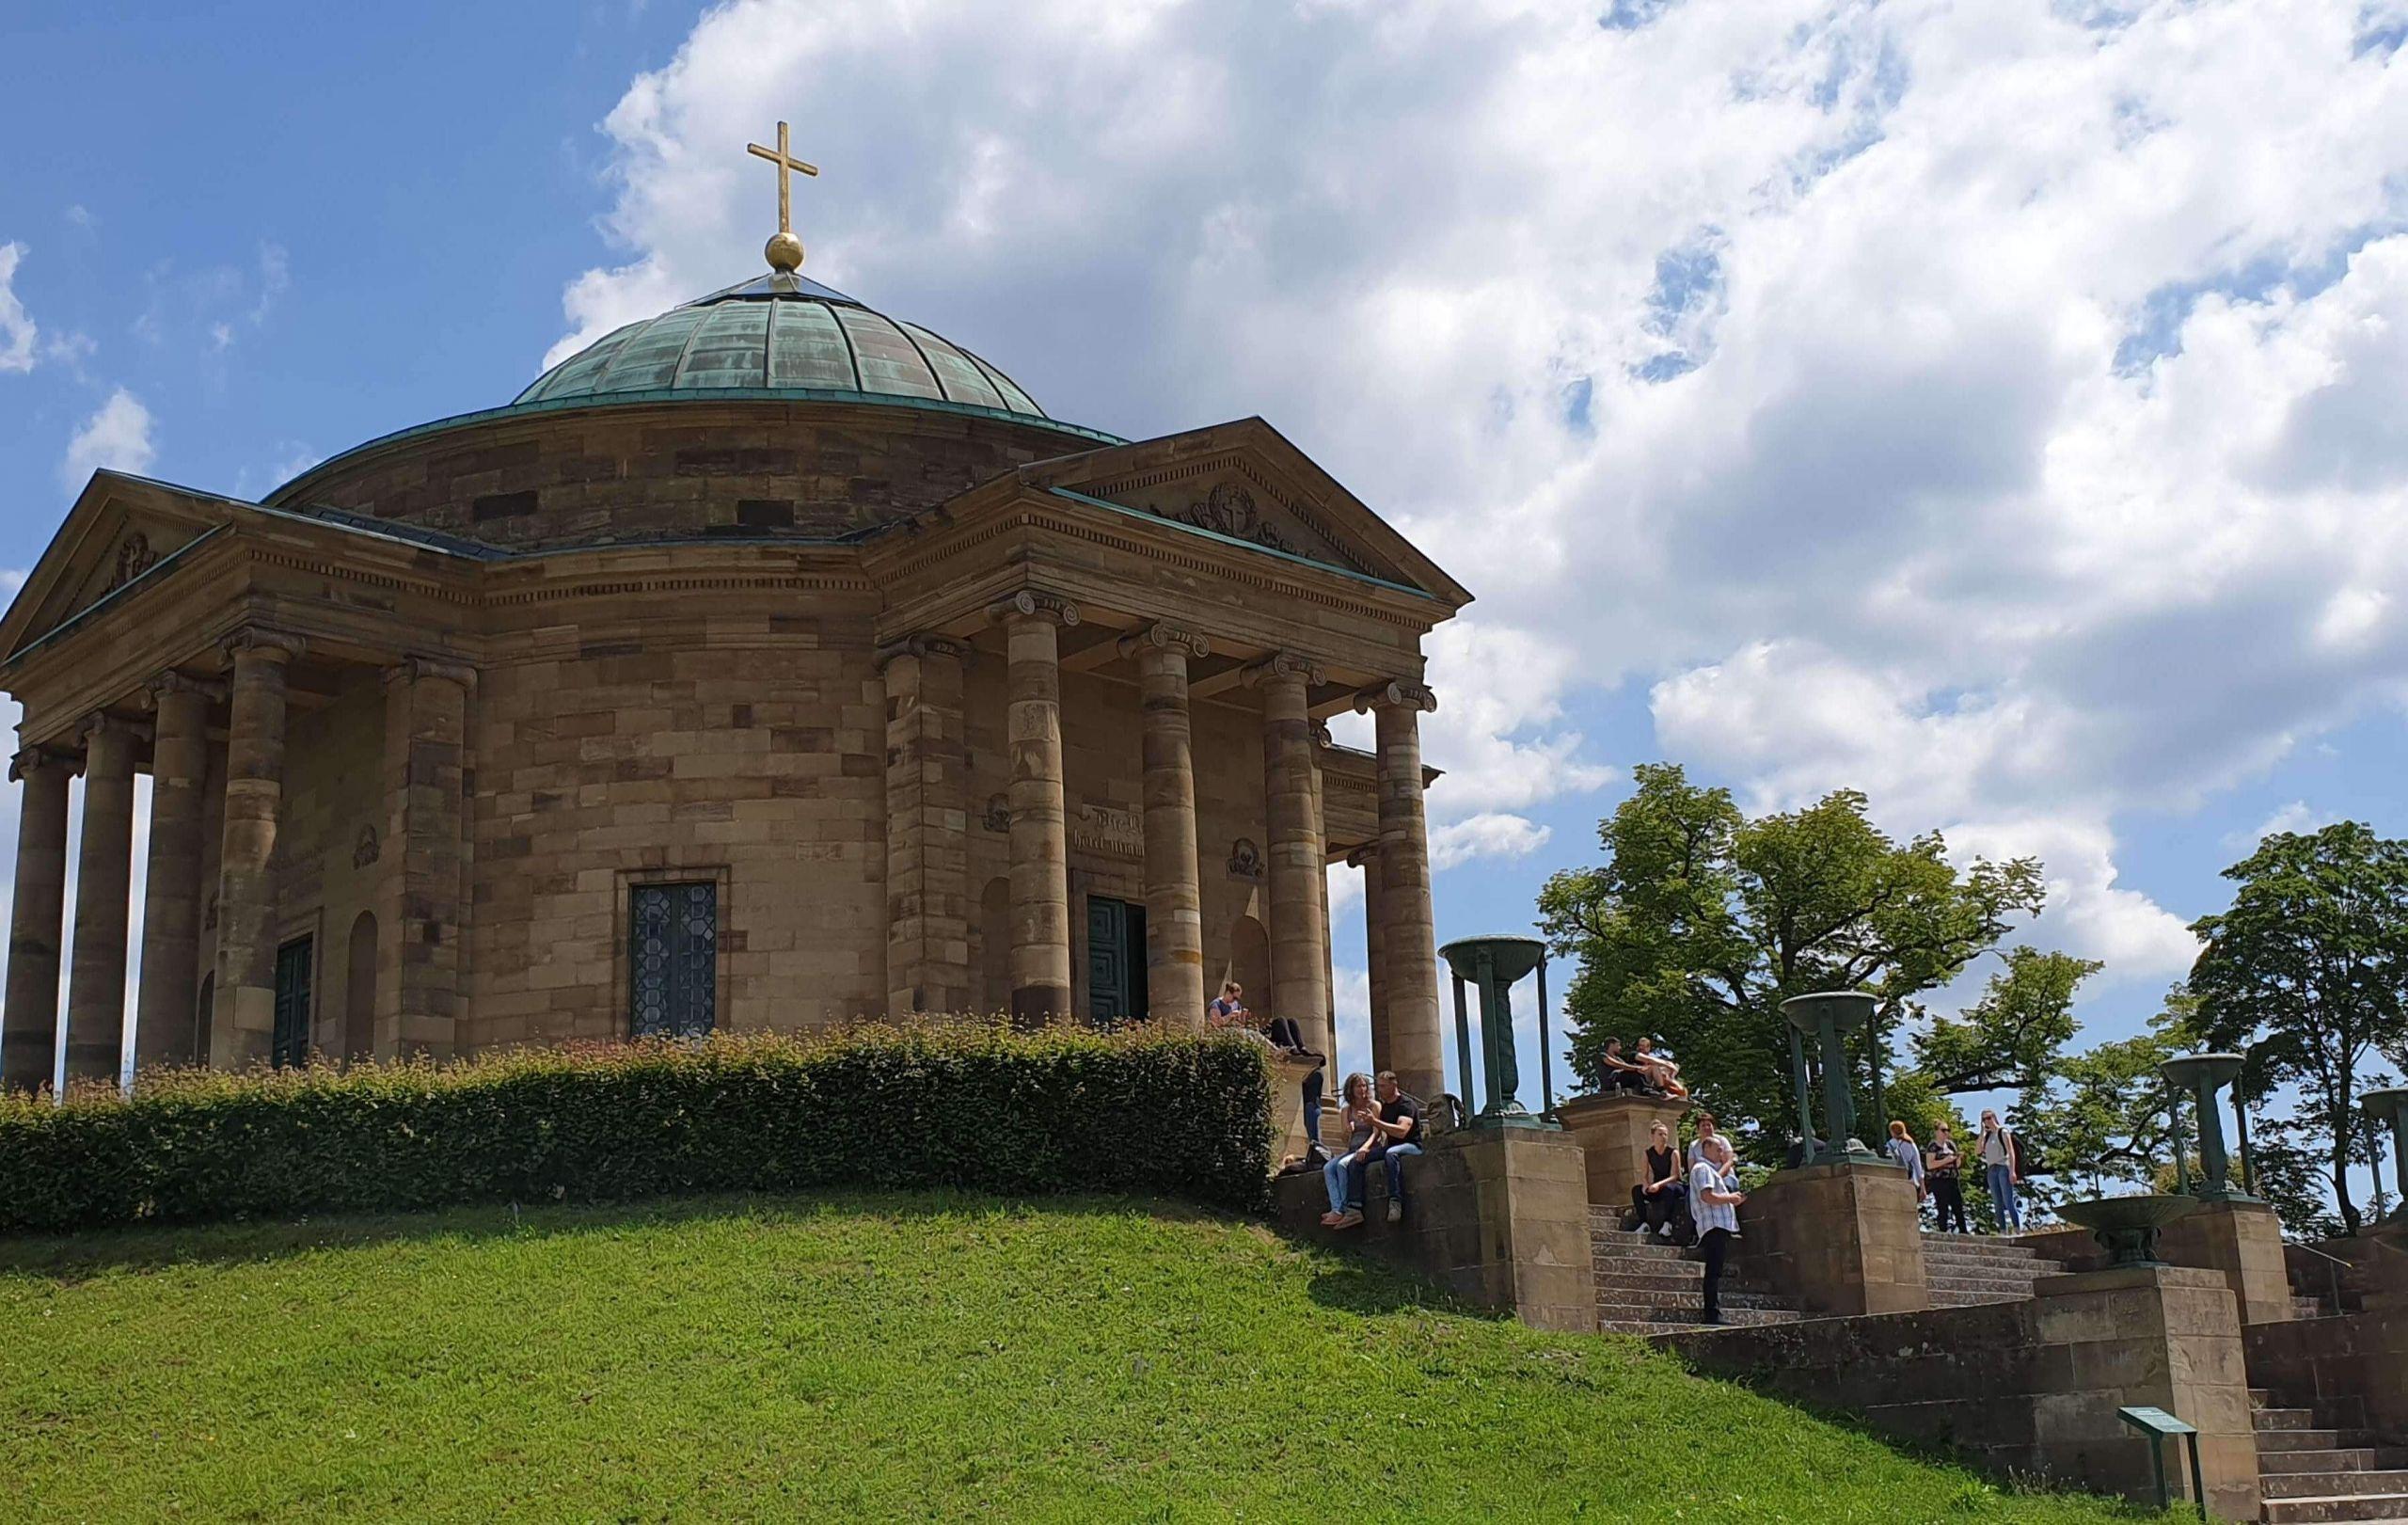 csm Grabkapelle Wuerttemberg 1 Siegfried Denzel 7e93ff38c5